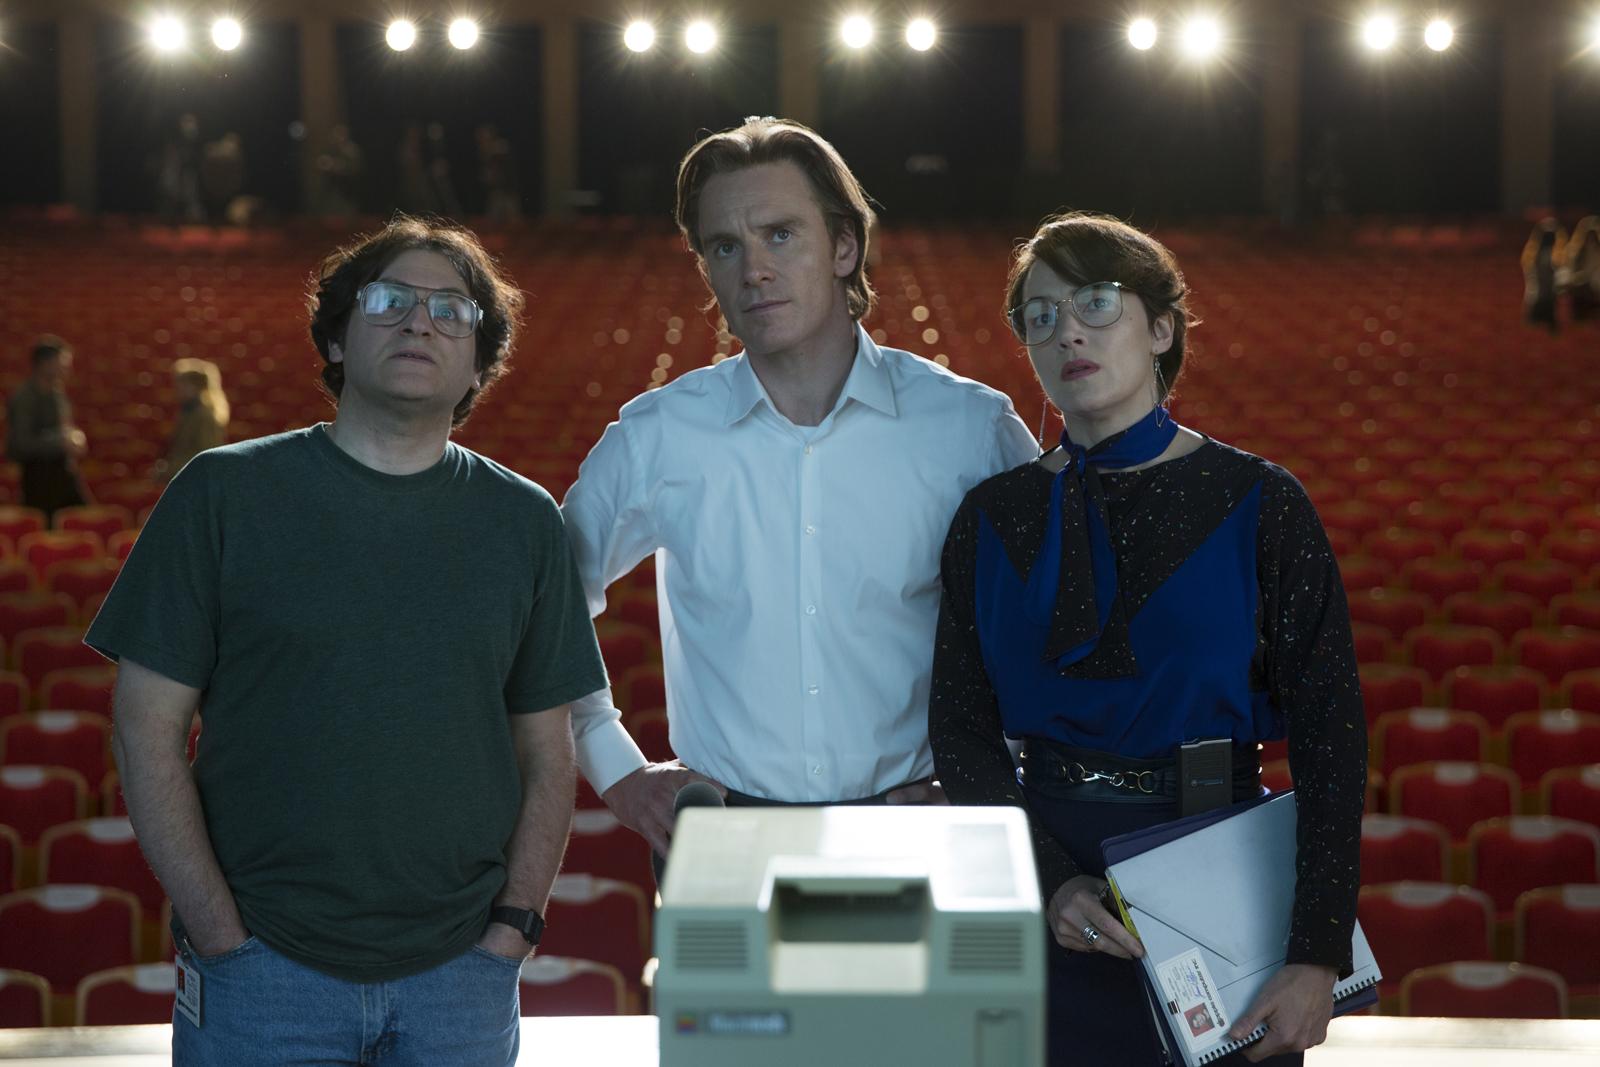 Steve Jobs : Photo Kate Winslet, Michael Fassbender, Michael Stuhlbarg